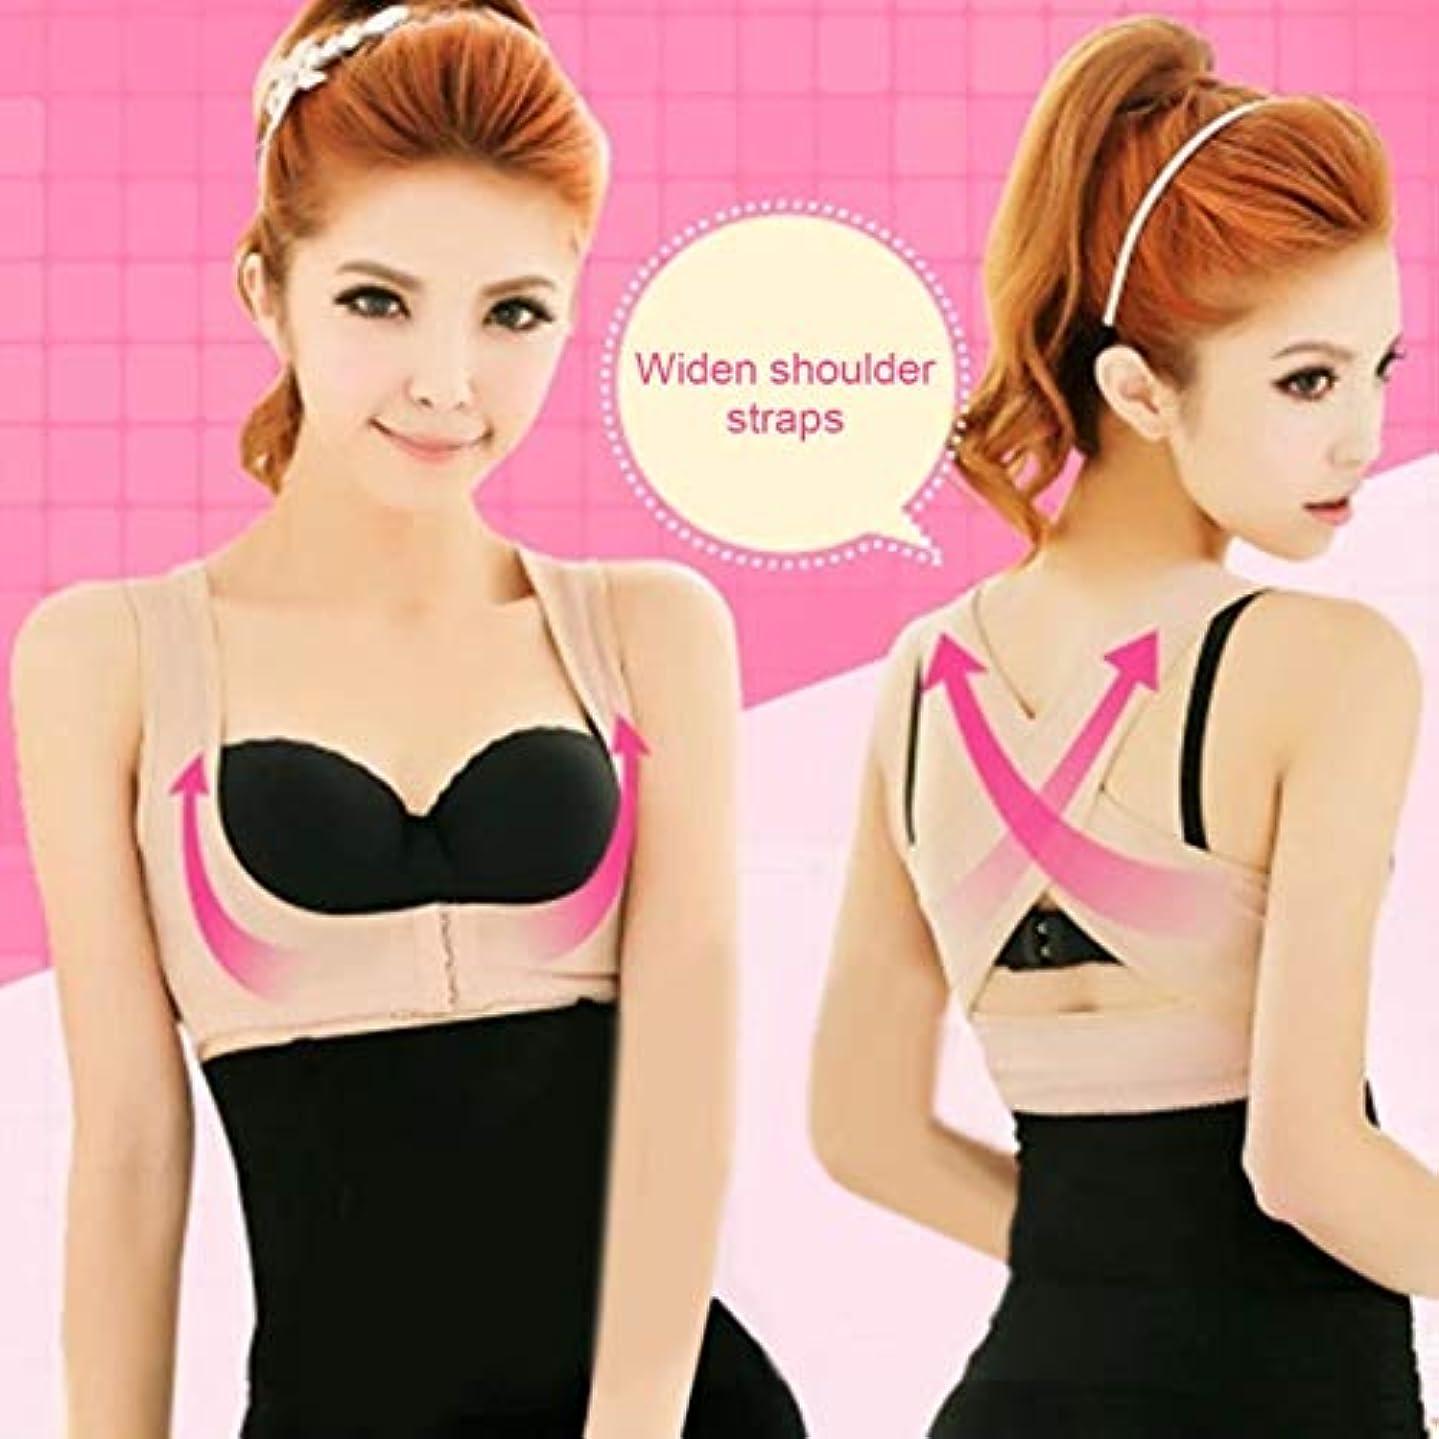 スカウトクルーズ贅沢Posture Corrector Women Chest Brace Up Prevent Chest Sagging And Humpback Bra Cross Strap Vest Body Shaper Slimming...